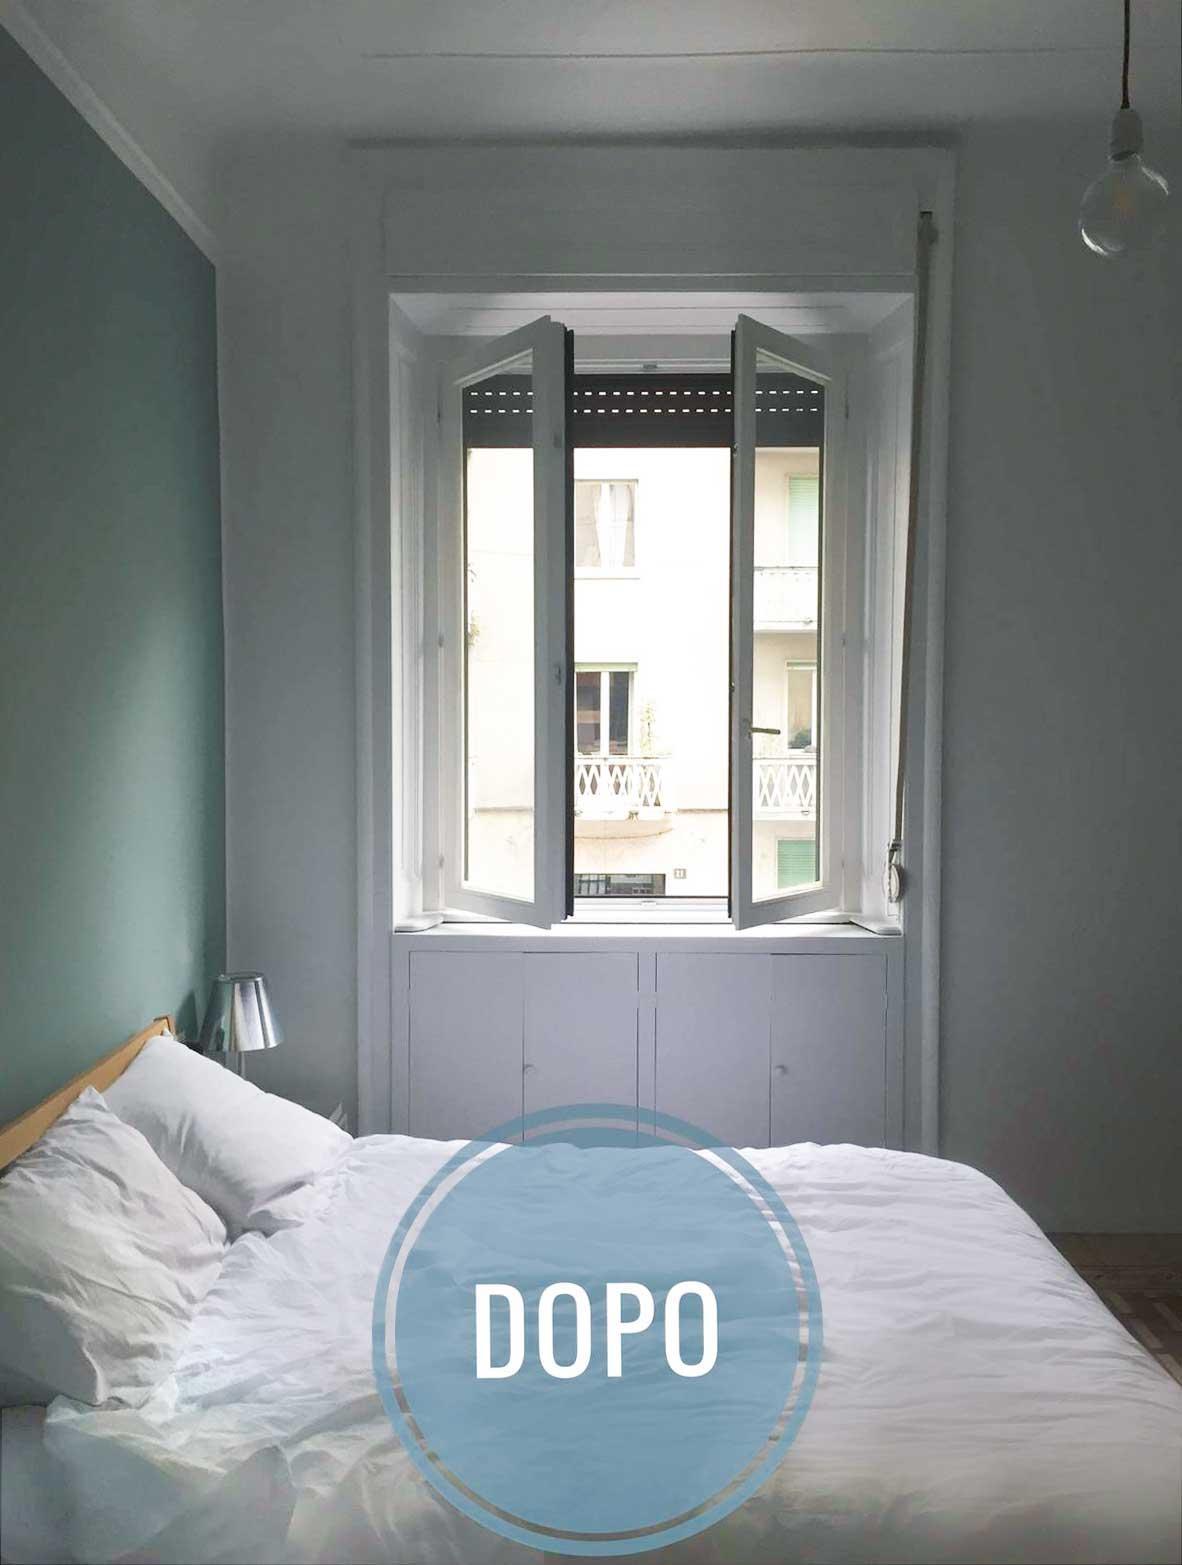 Nuovo look per la camera cambiando solo pochi elementi cose di casa - Parete testata letto dipinta ...